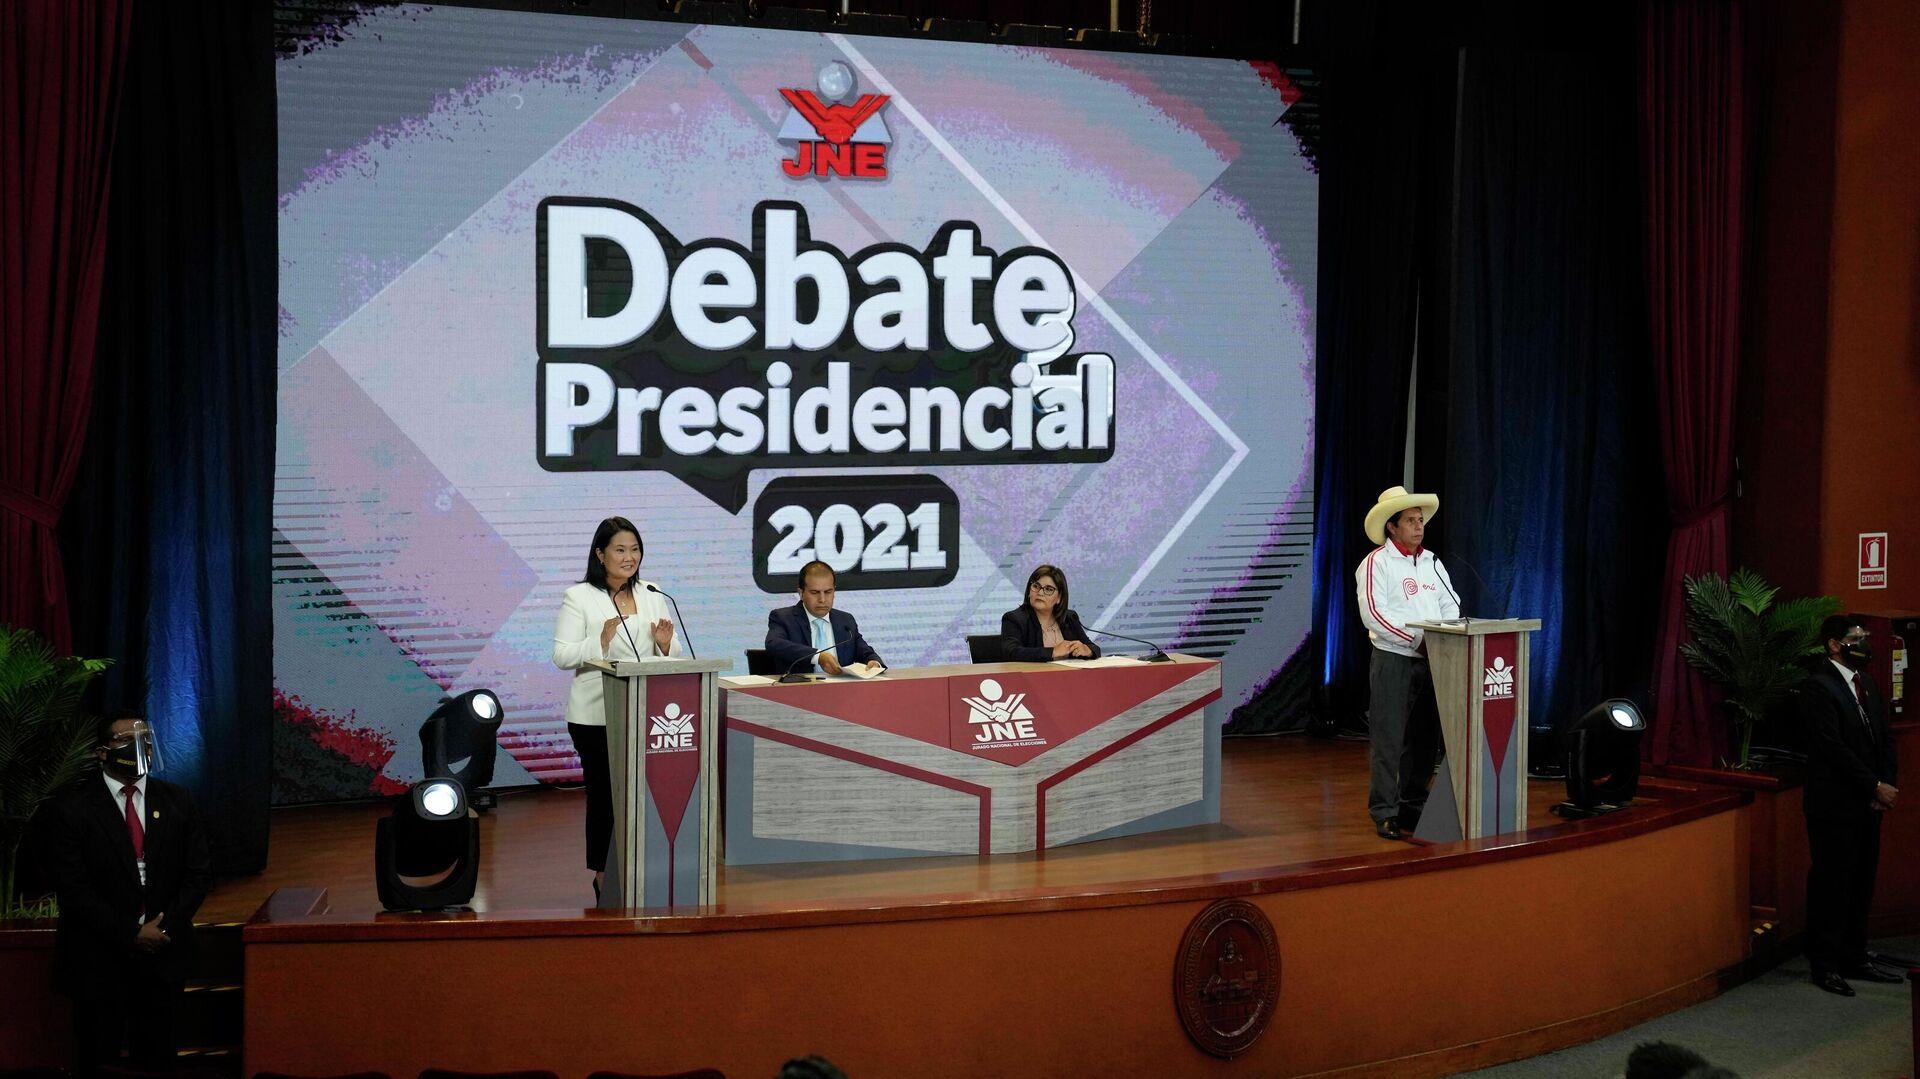 Los dos candidatos presidenciales de Perú, Keiko Fujimori y Pedro Castillo en un debate televisado - Sputnik Mundo, 1920, 31.05.2021